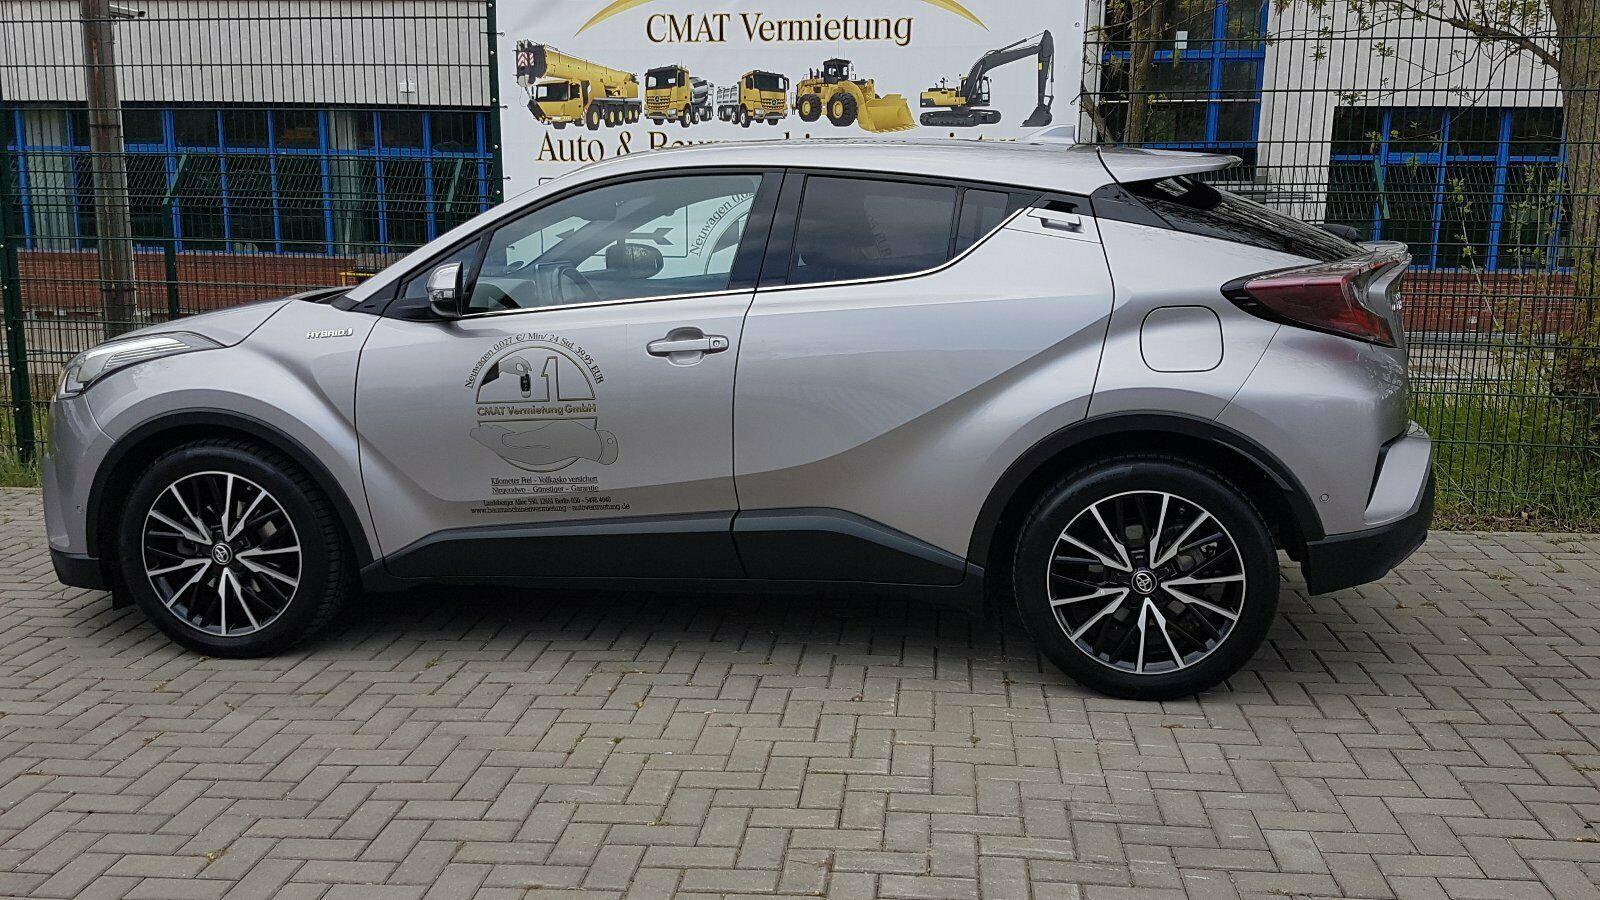 CMAT Vermietung Berlin - Fahrzeuge & Baumaschinen mieten 2021 https://mllf50mvkixh.i.optimole.com/4gGlm80-bf5_ikEE/w:auto/h:auto/q:75/https://baumaschinenvermietung-autovermietung.de/wp-content/uploads/2021/04/baumaschinenvermietung-verleih-LKW-Vermietung-Kettenbagger-Minibagger-Mobilbagger-Radlader-Dreiseitenkipper-9-scaled.jpeg